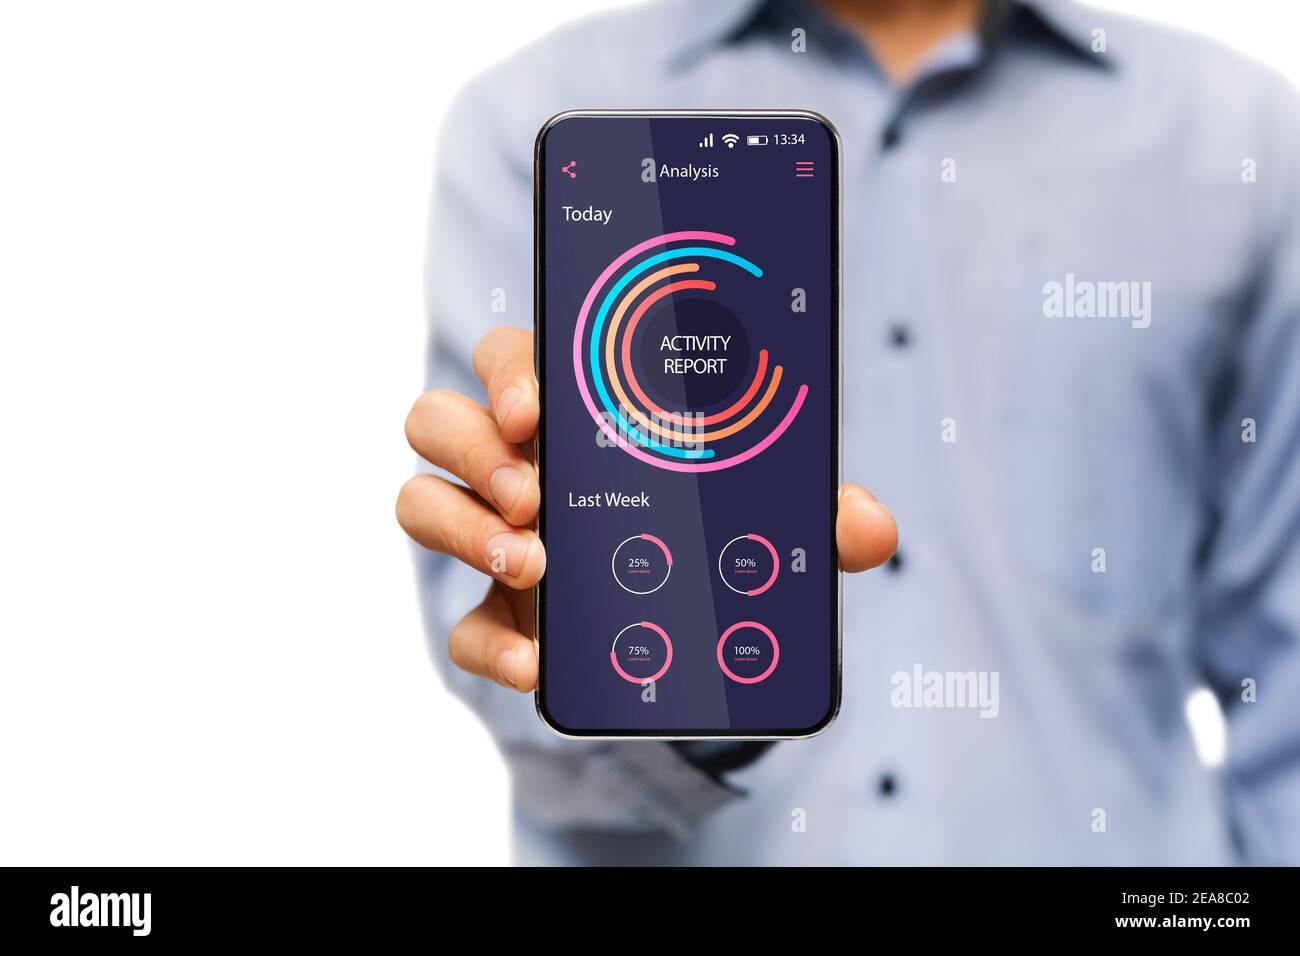 Homme tenant un smartphone avec l'application d'analyse de données et le rapport d'activité À l'écran Banque D'Images